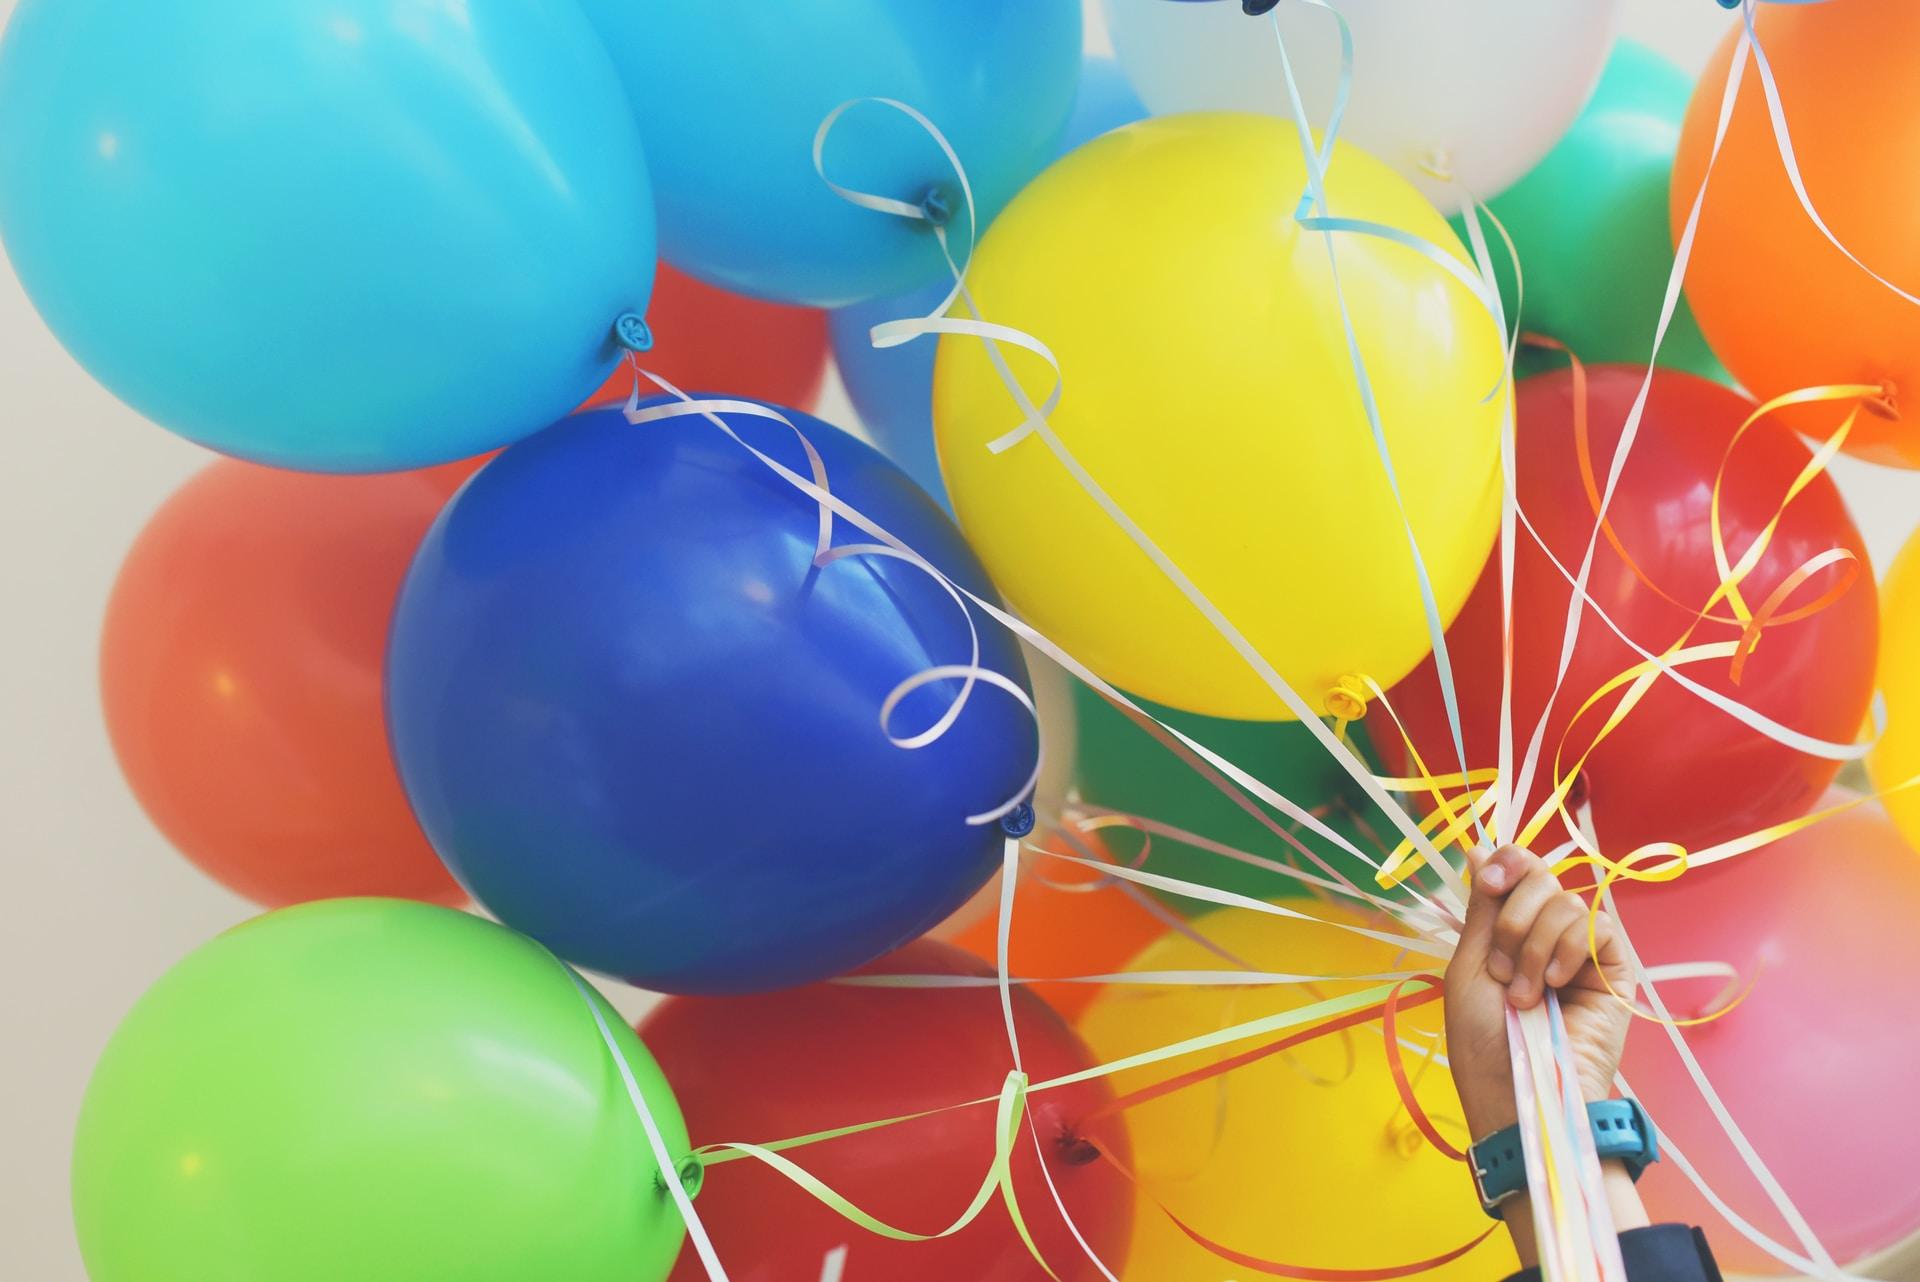 διακόσμηση γάμου με μπαλόνια